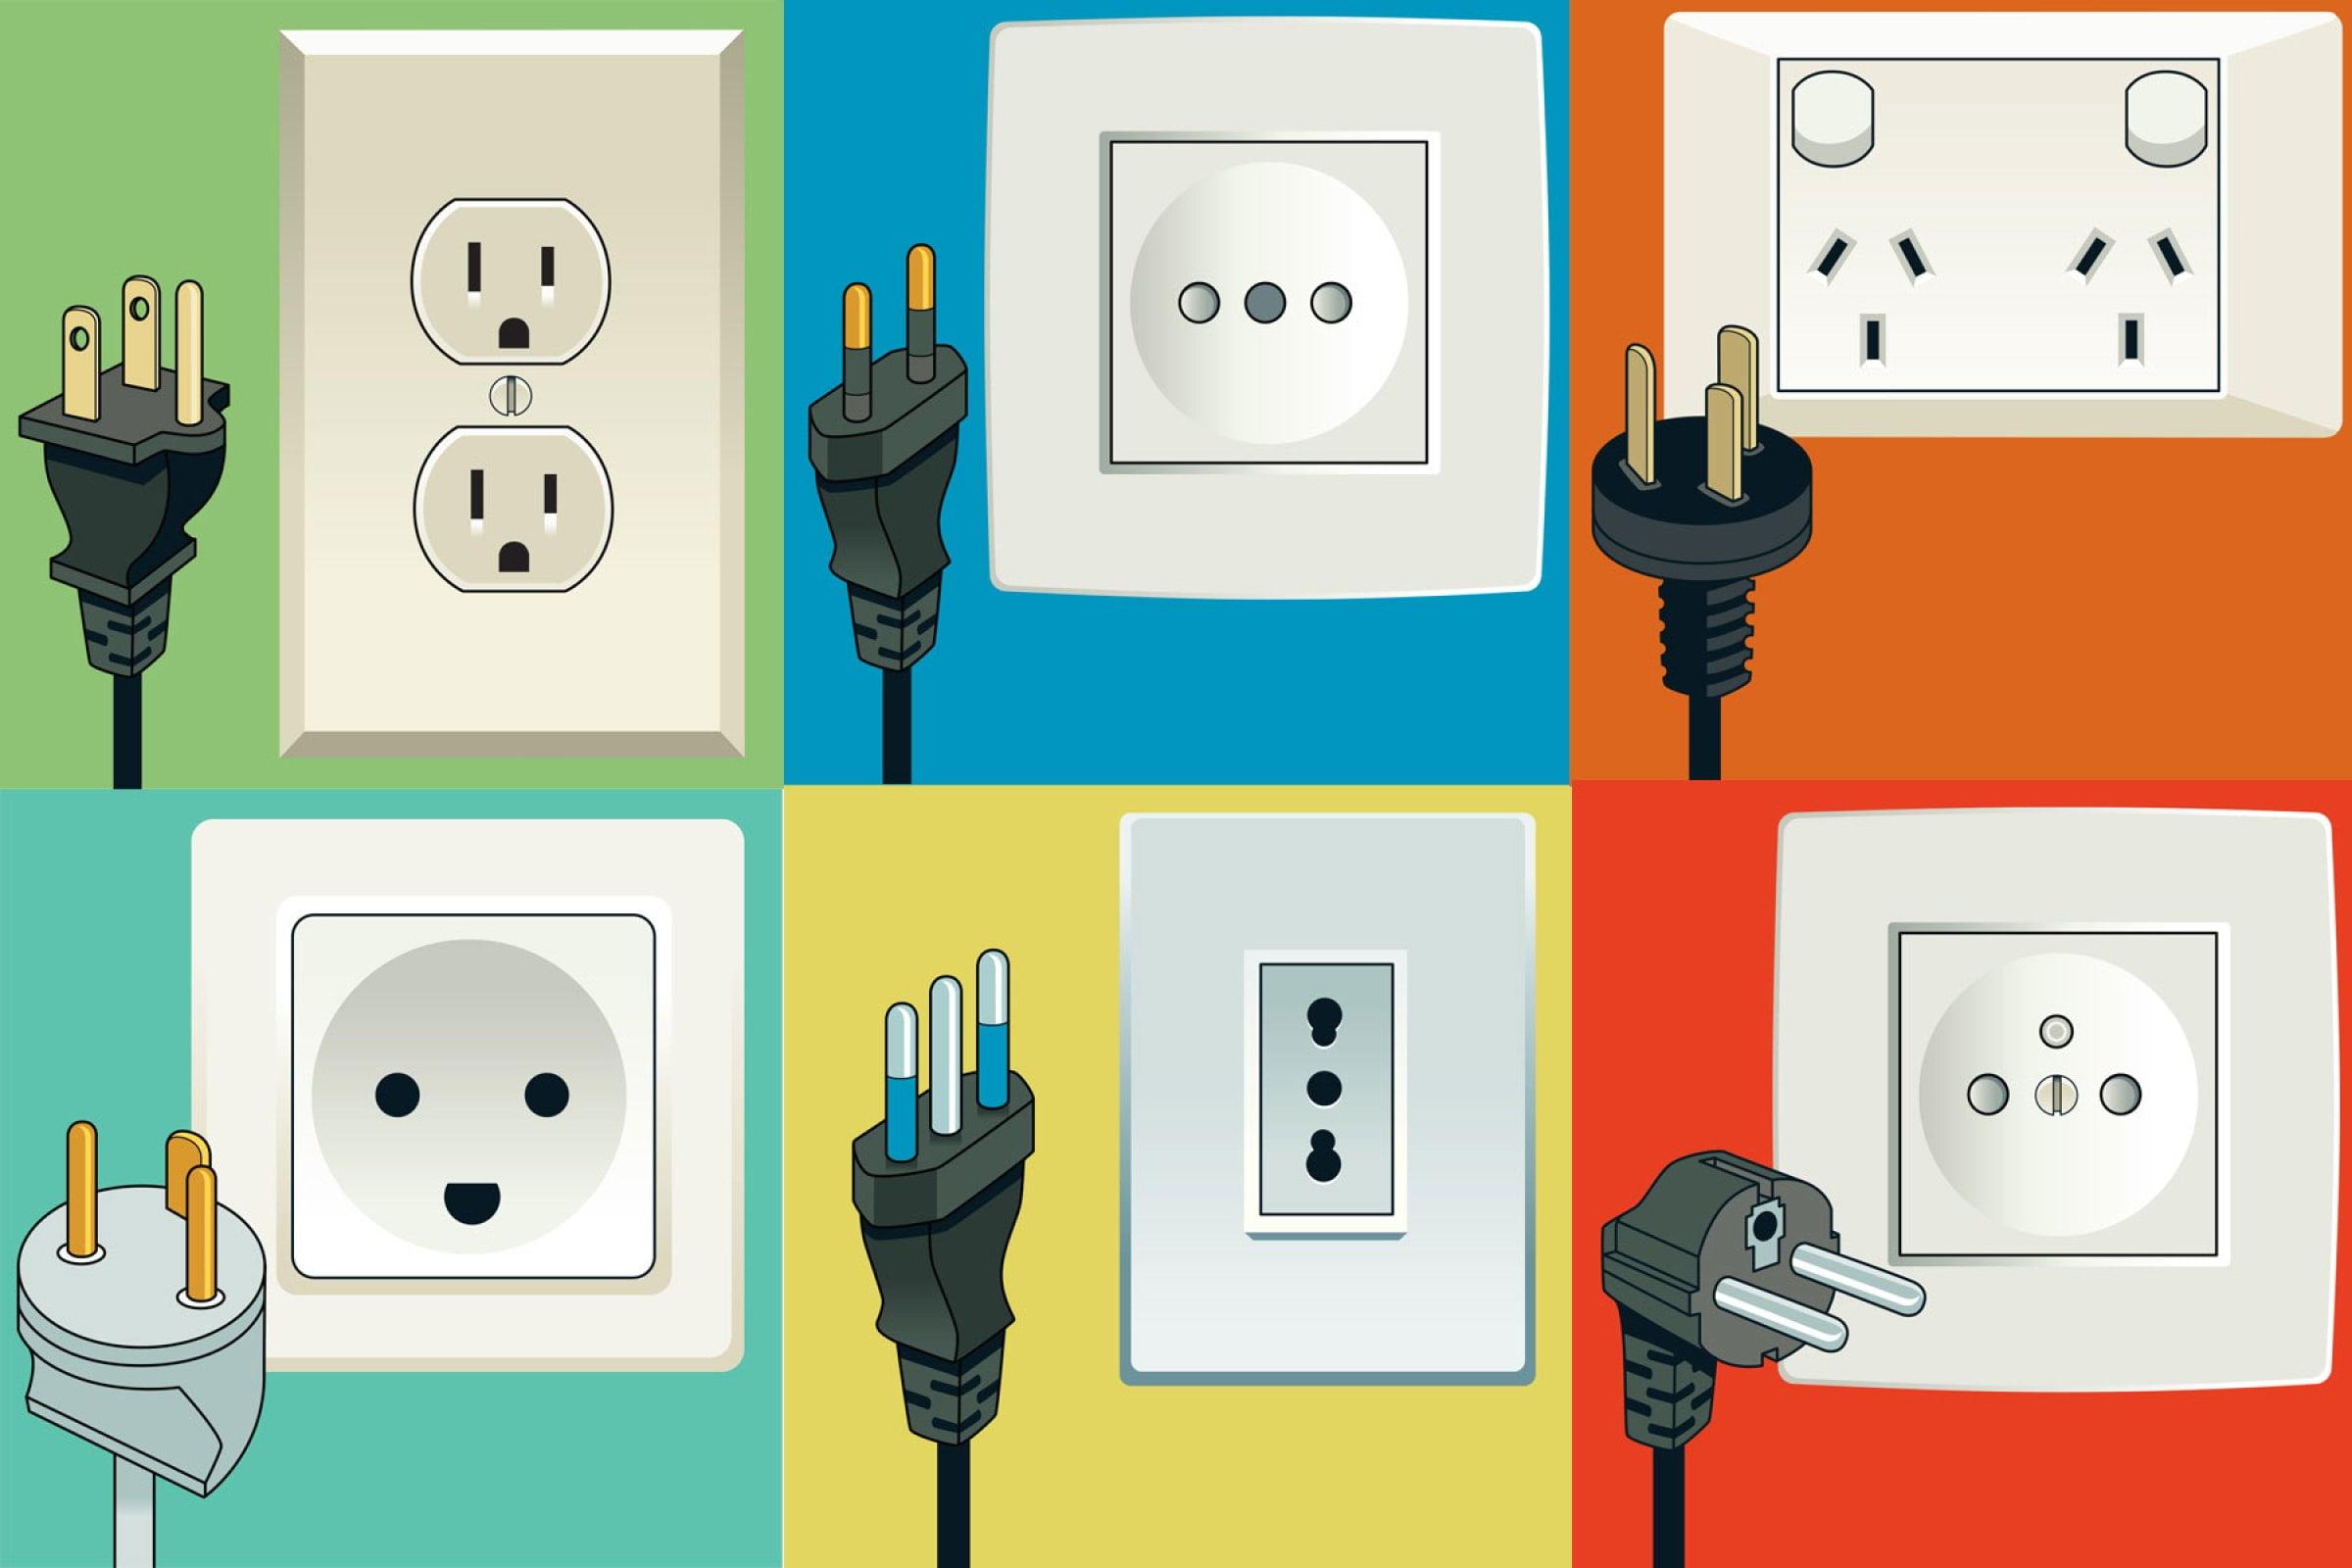 Les différents types de prises électriques dans le monde